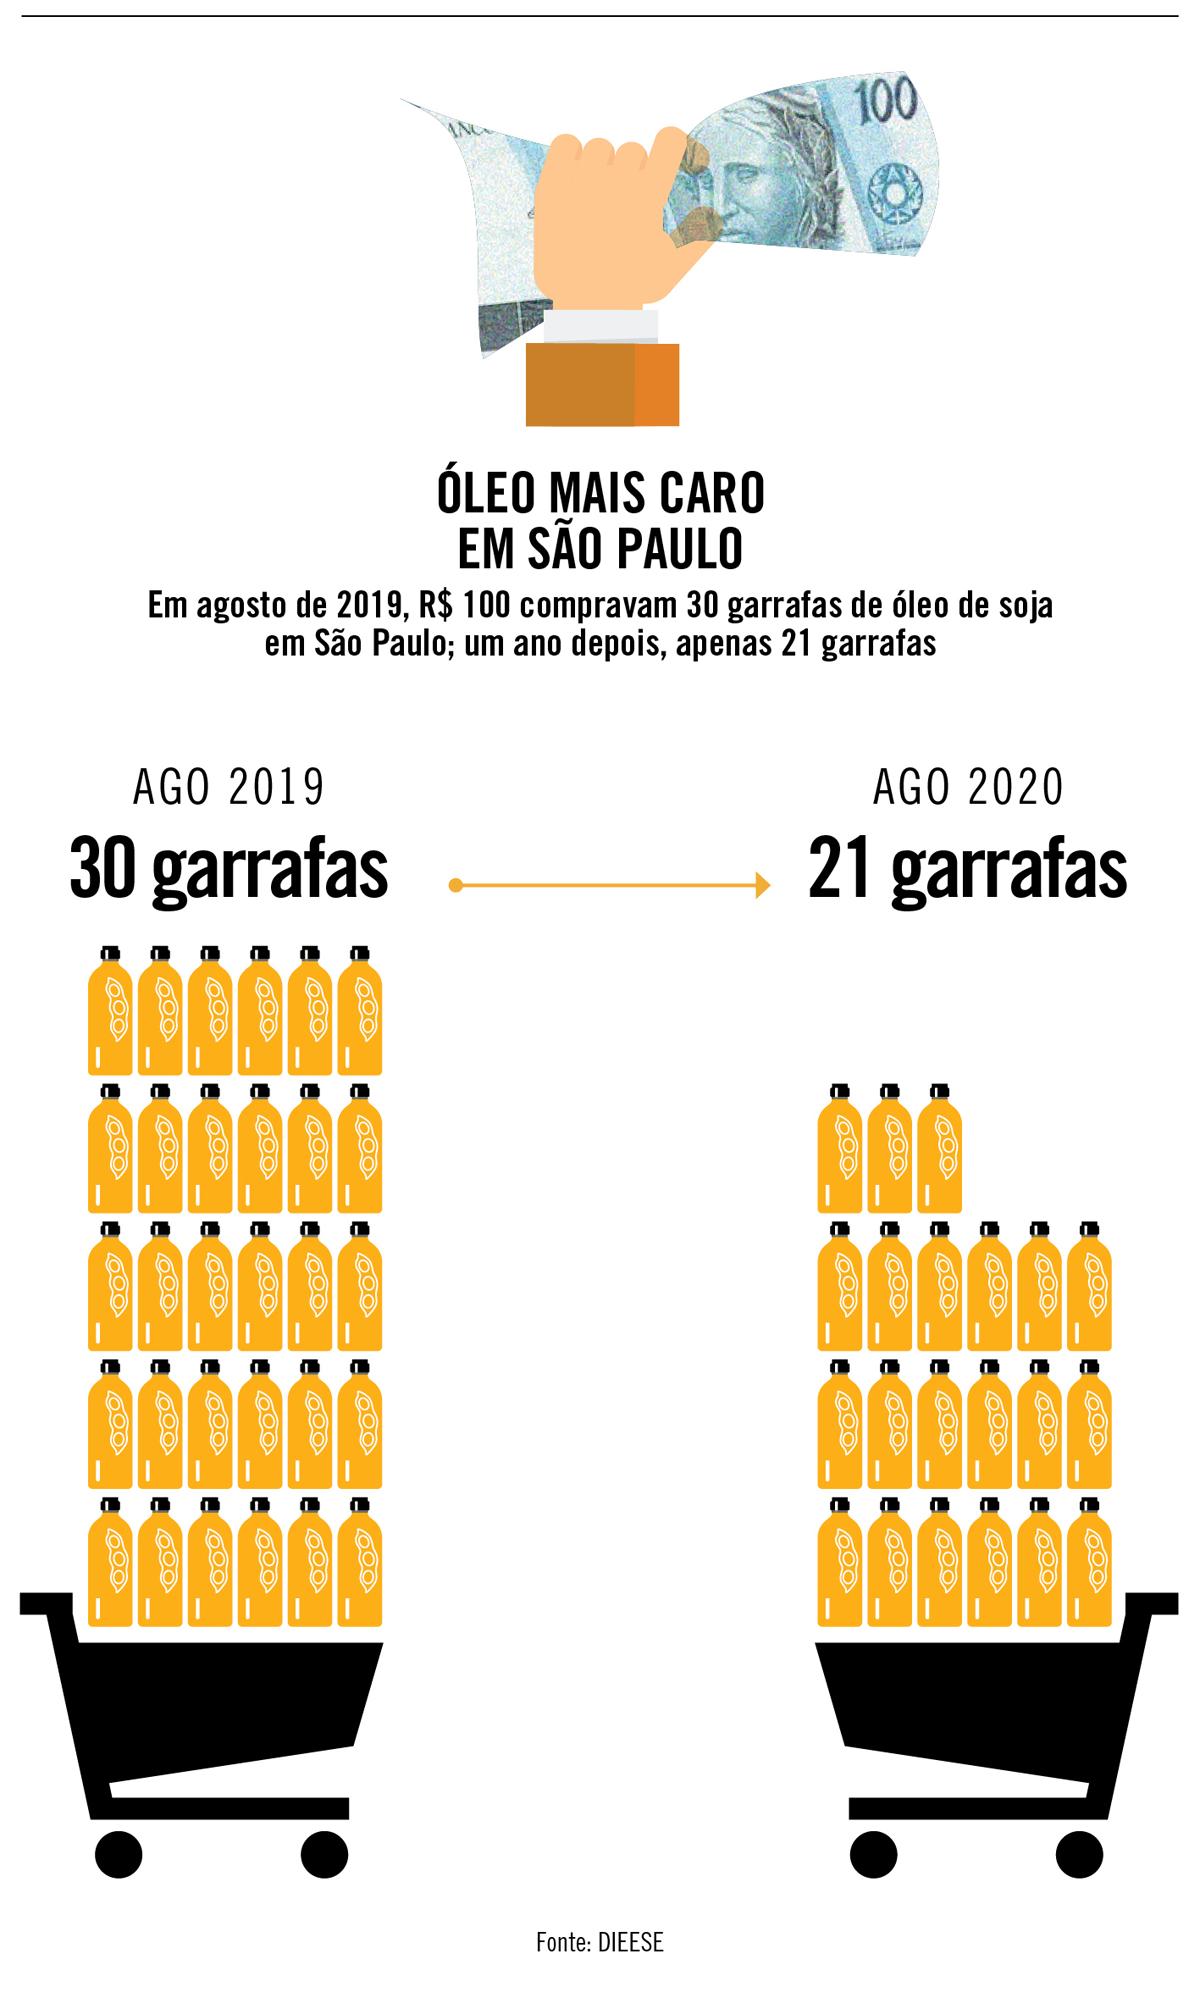 Óleo mais caro em São Paulo